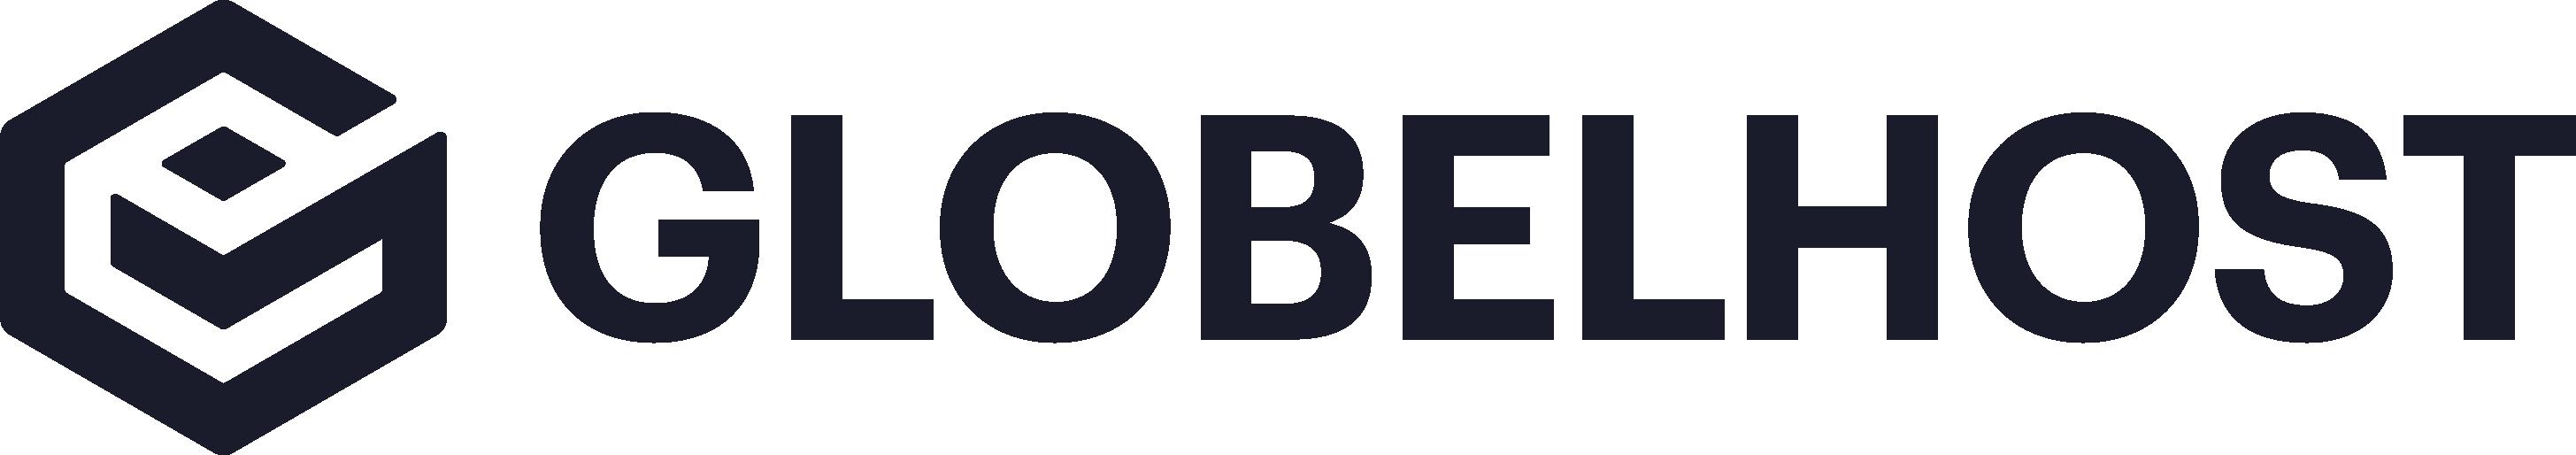 Globel Host